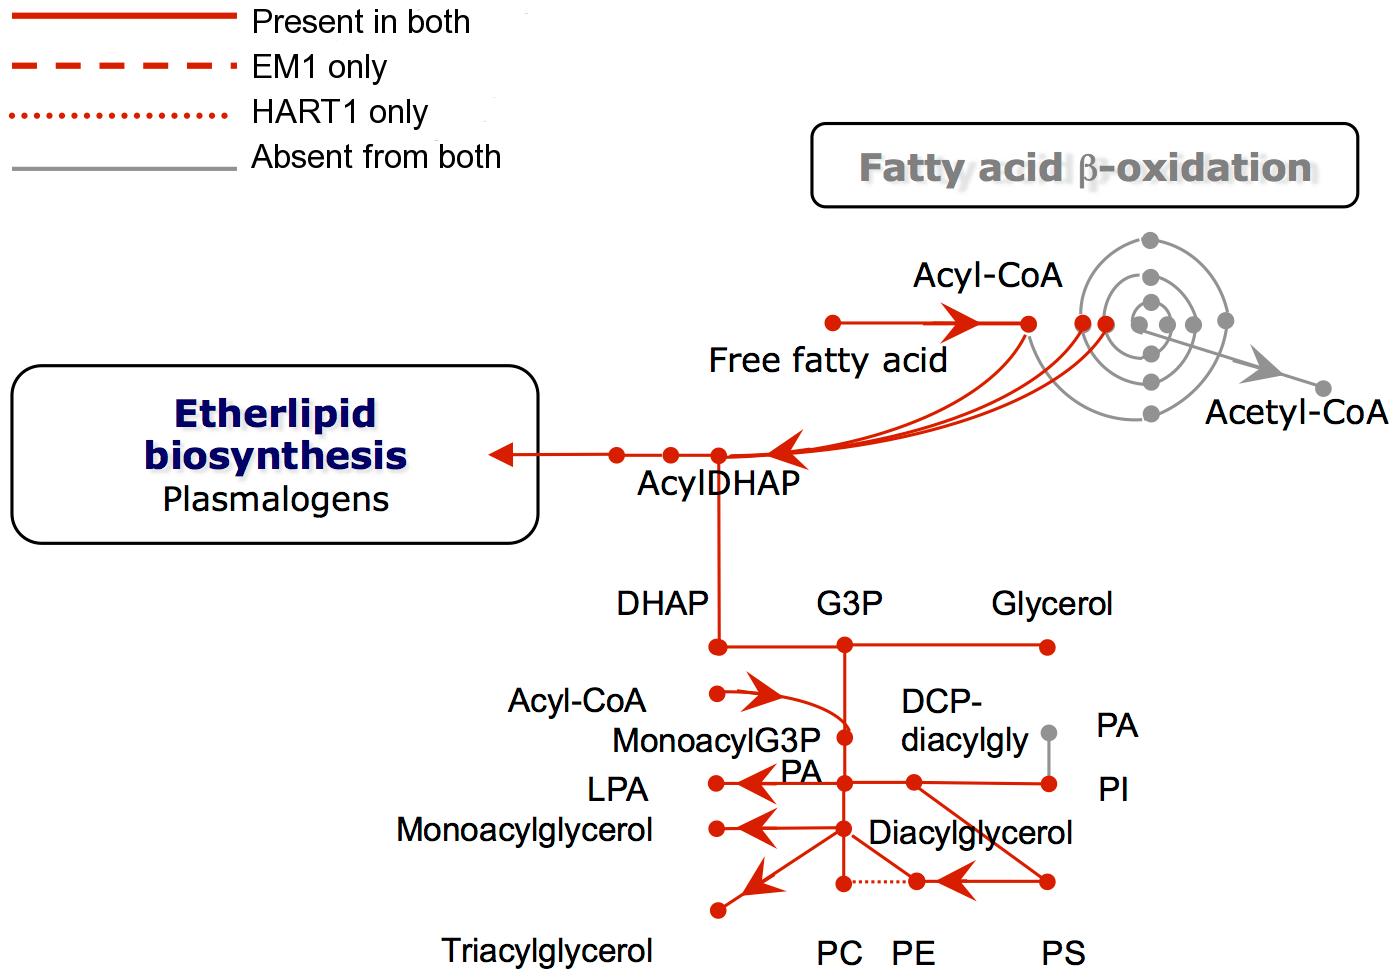 Phospholipid metabolism in <i>Phytomonas</i> EM1 and HART1.